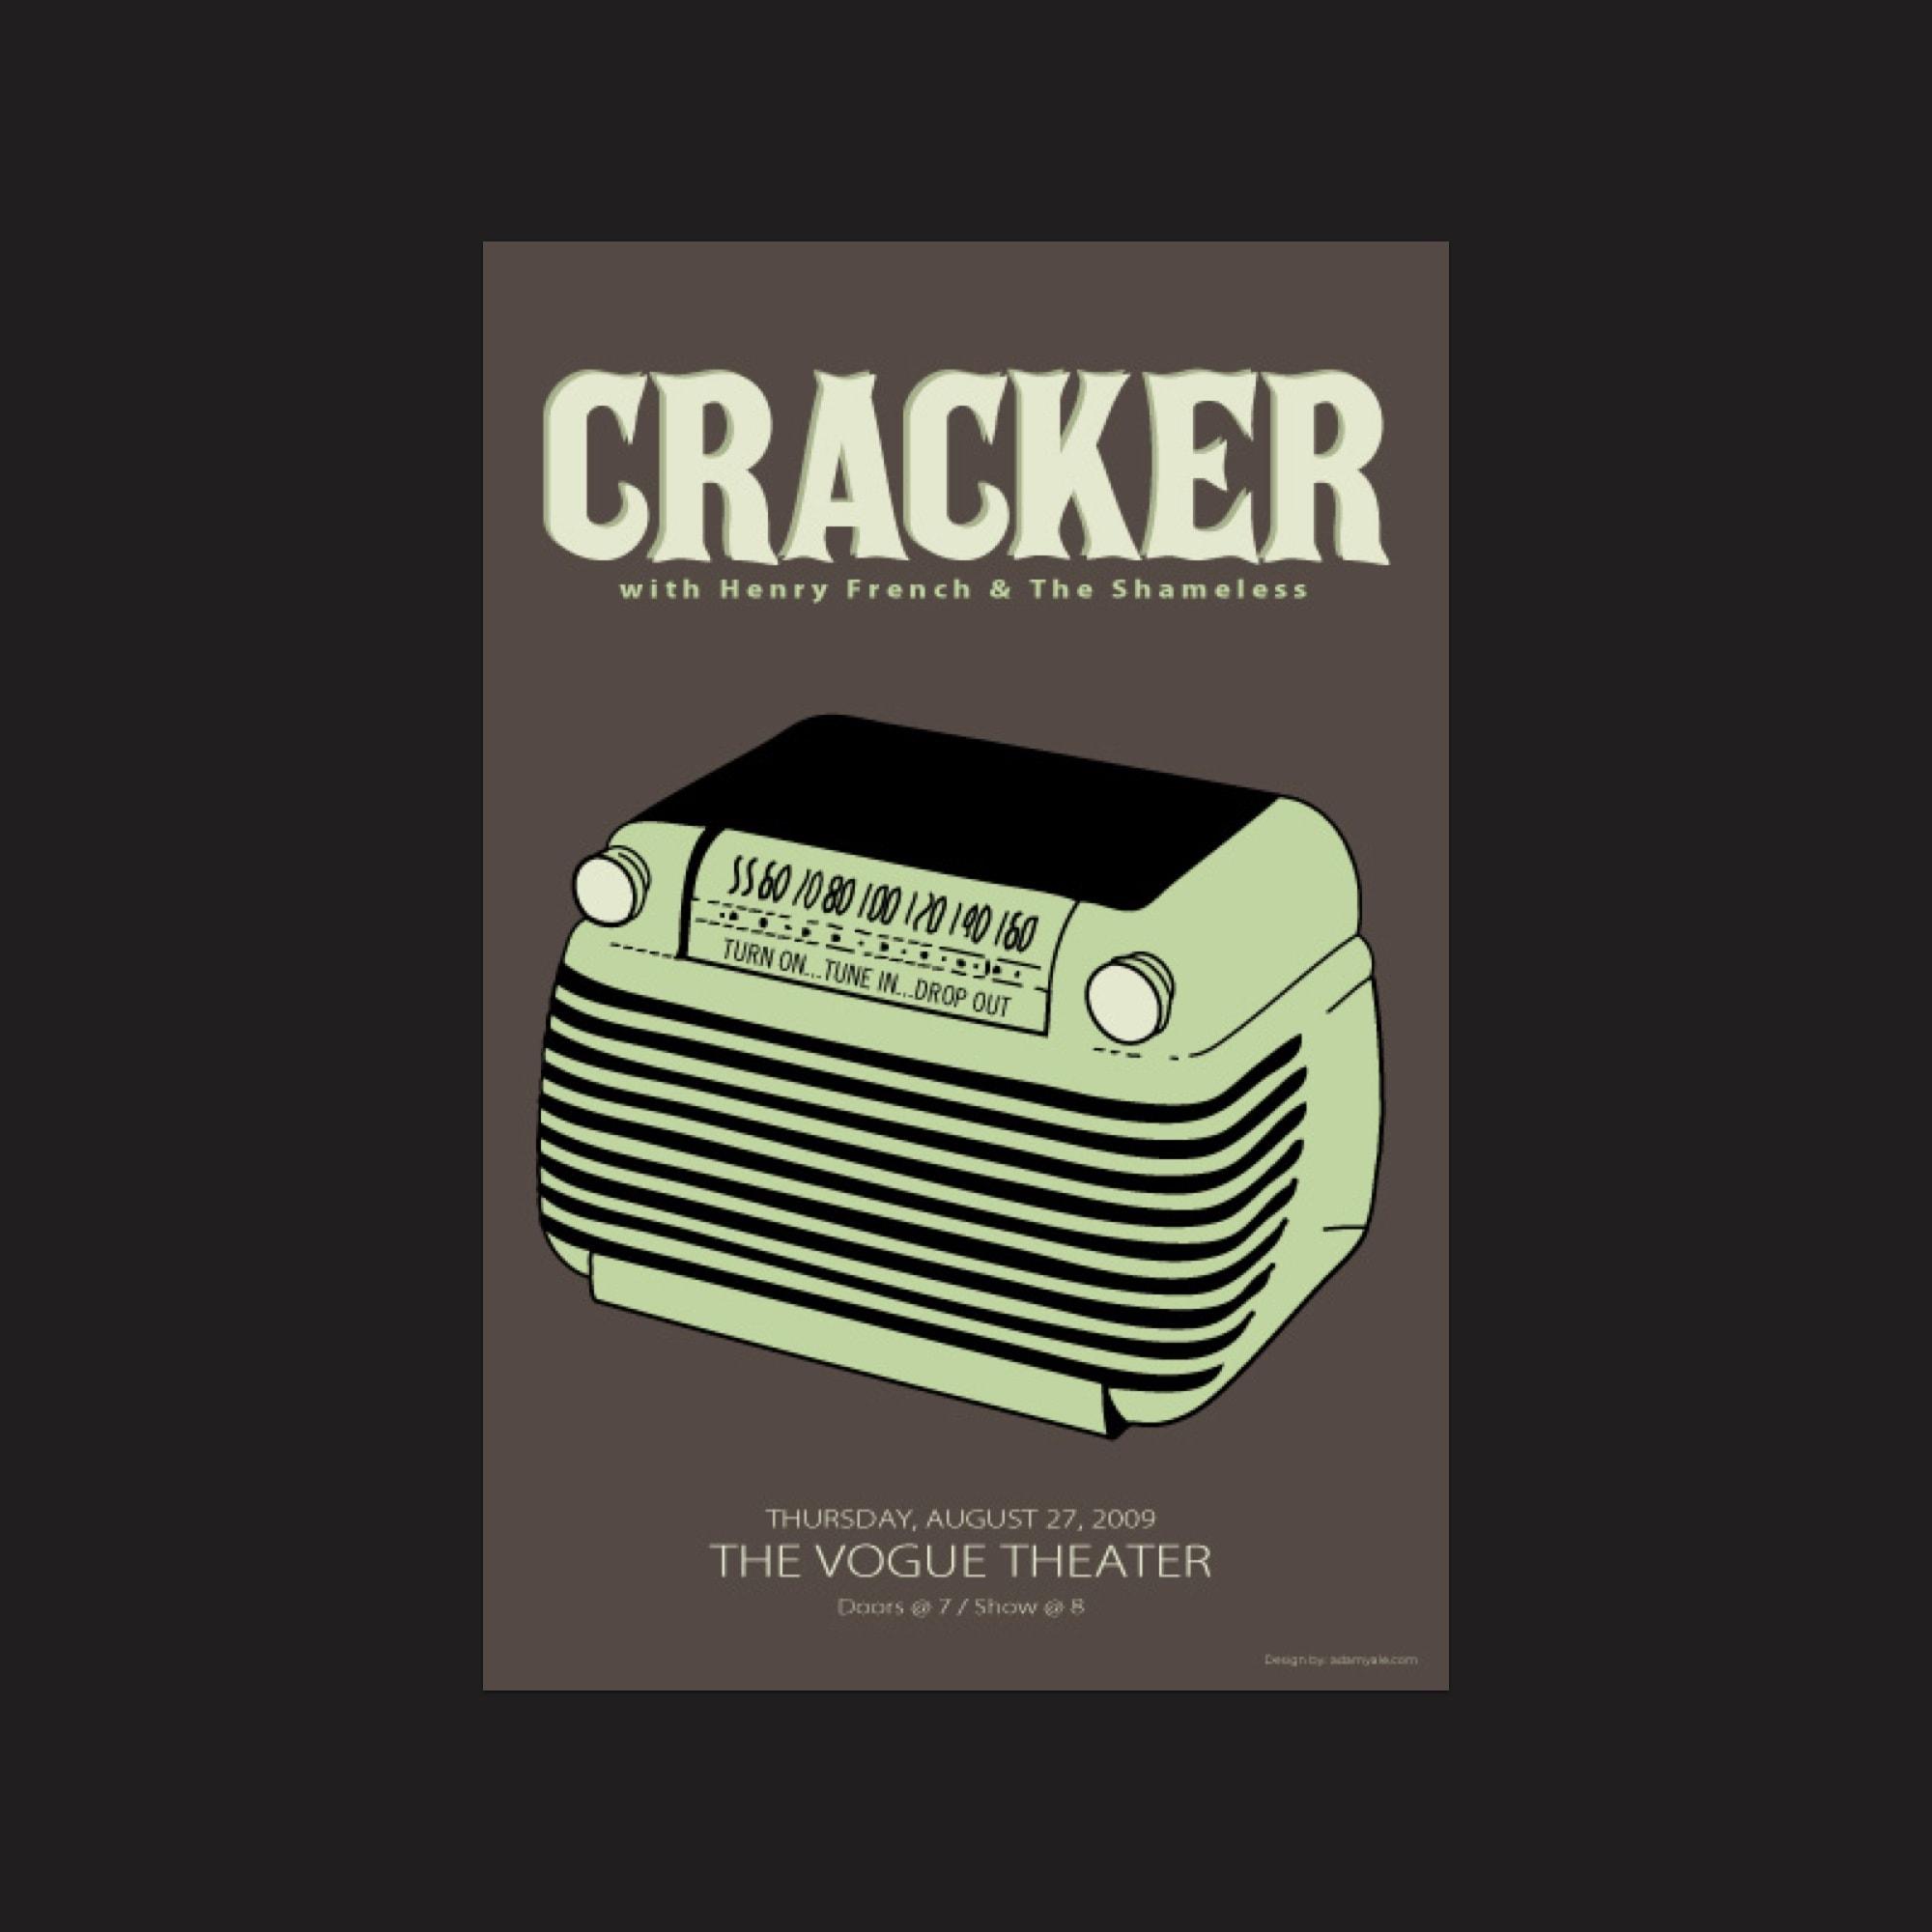 Cracker Poster 2000×2000